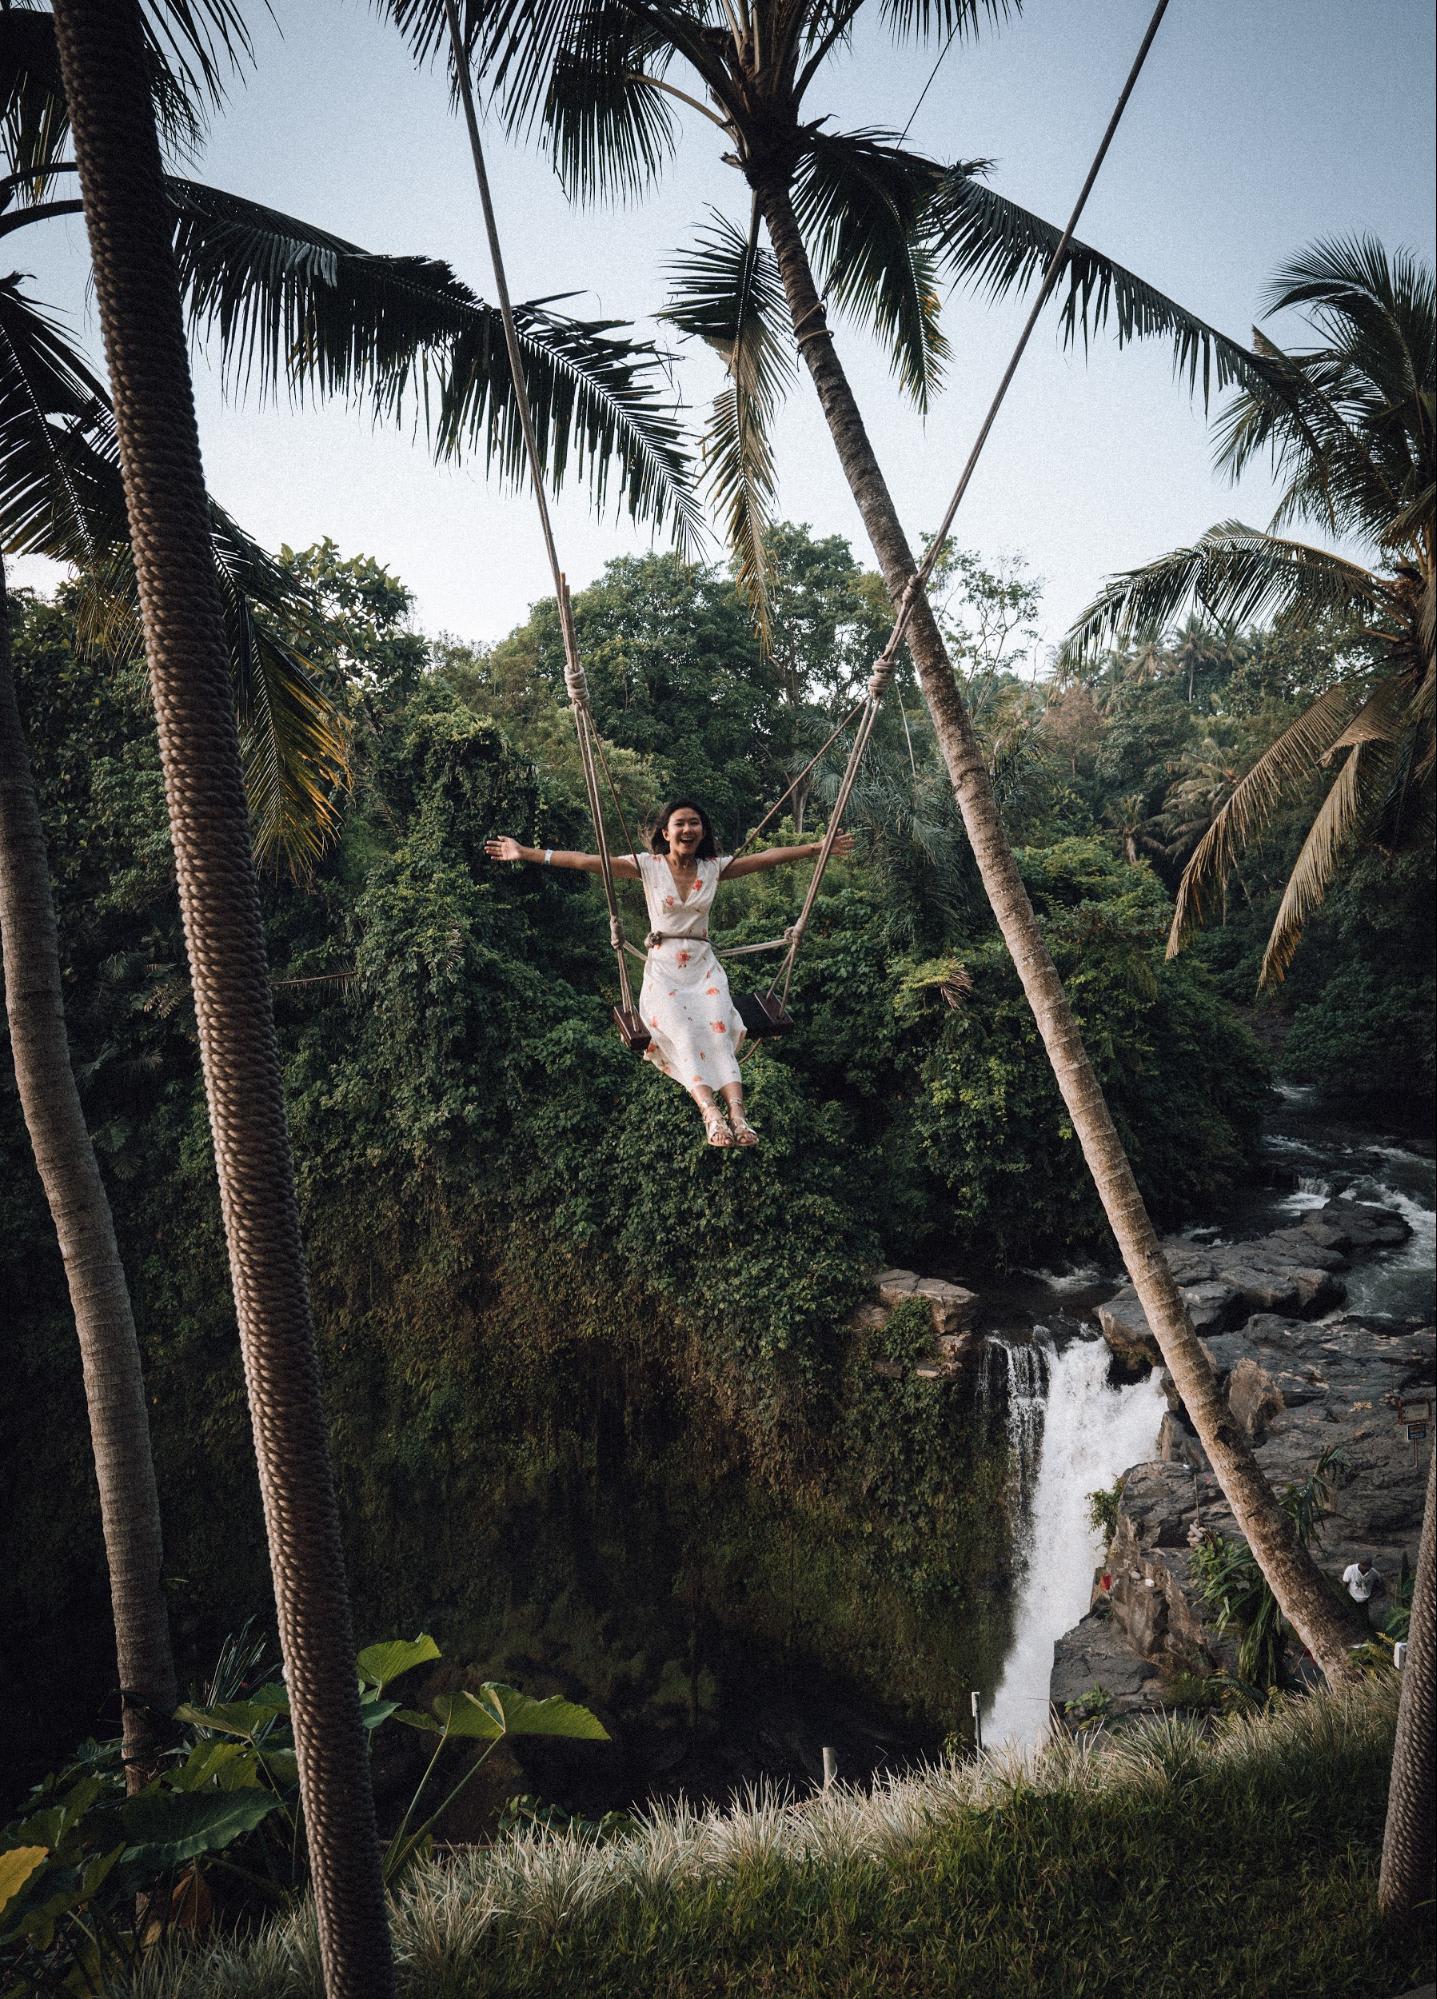 D'Tukad River Cub swing